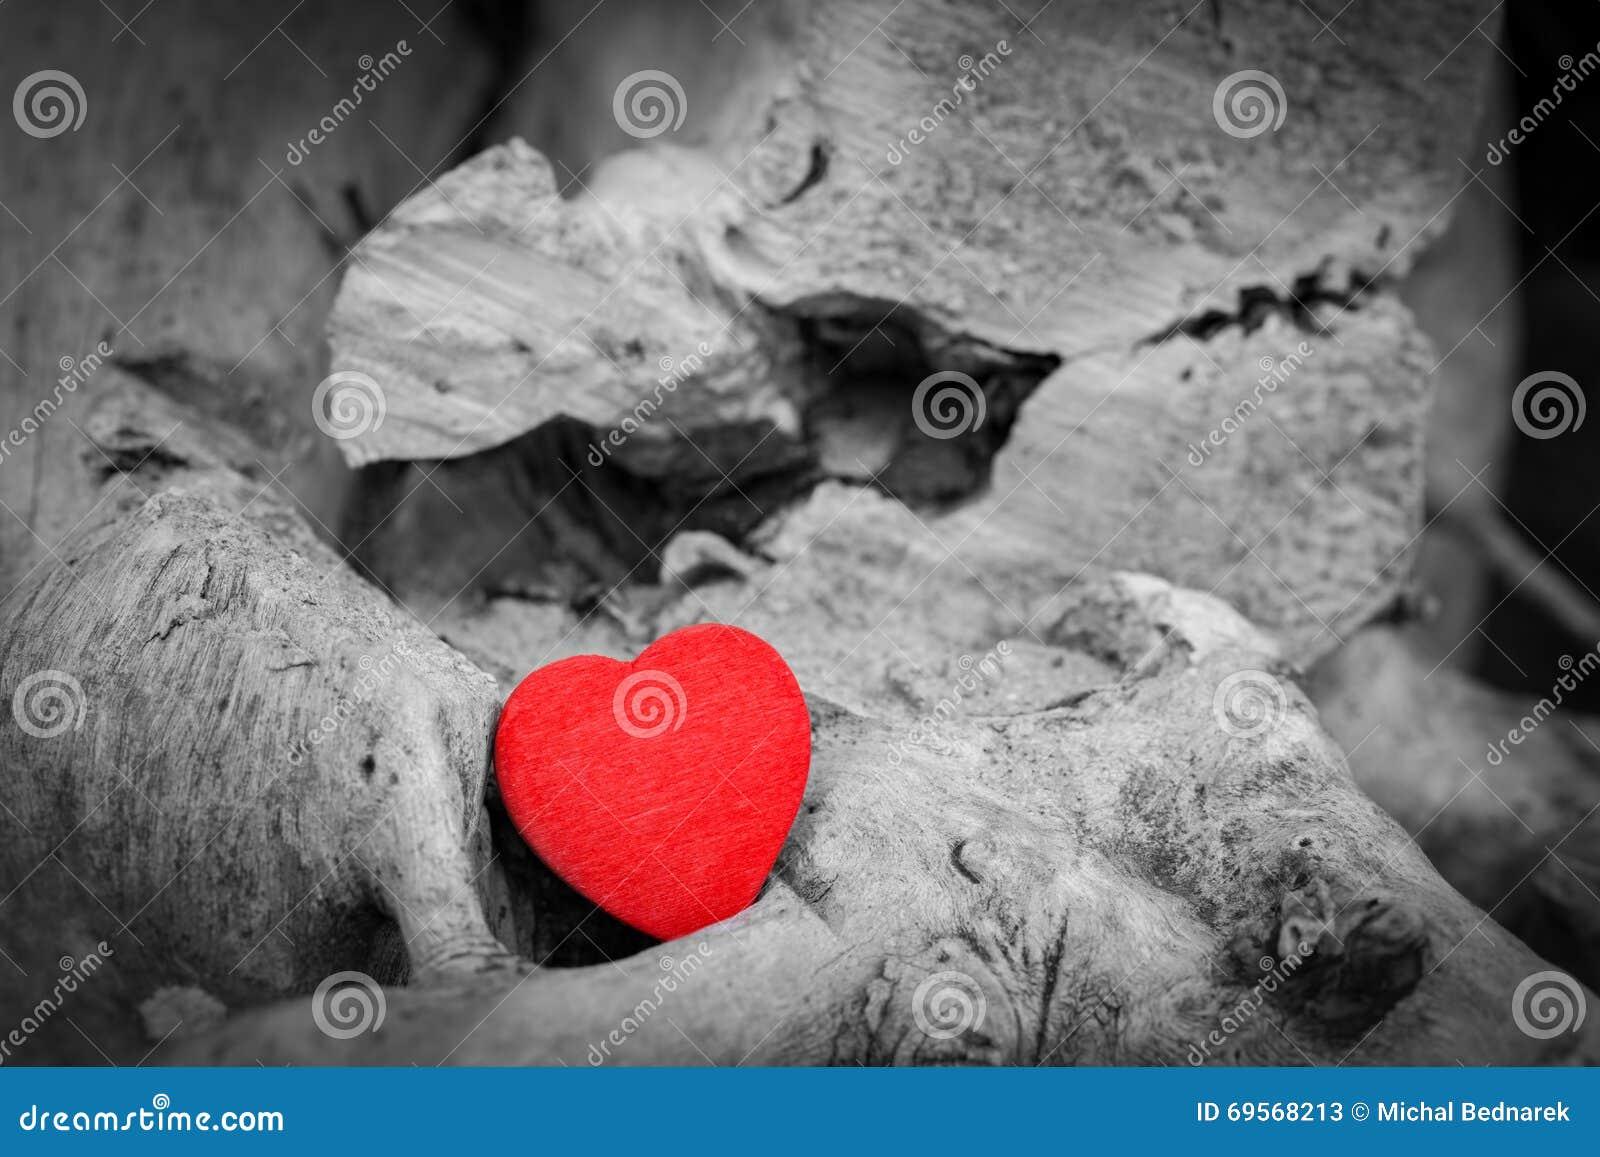 Coeur Rouge Dans Un Tronc Et Des Branches Darbre Symbole D